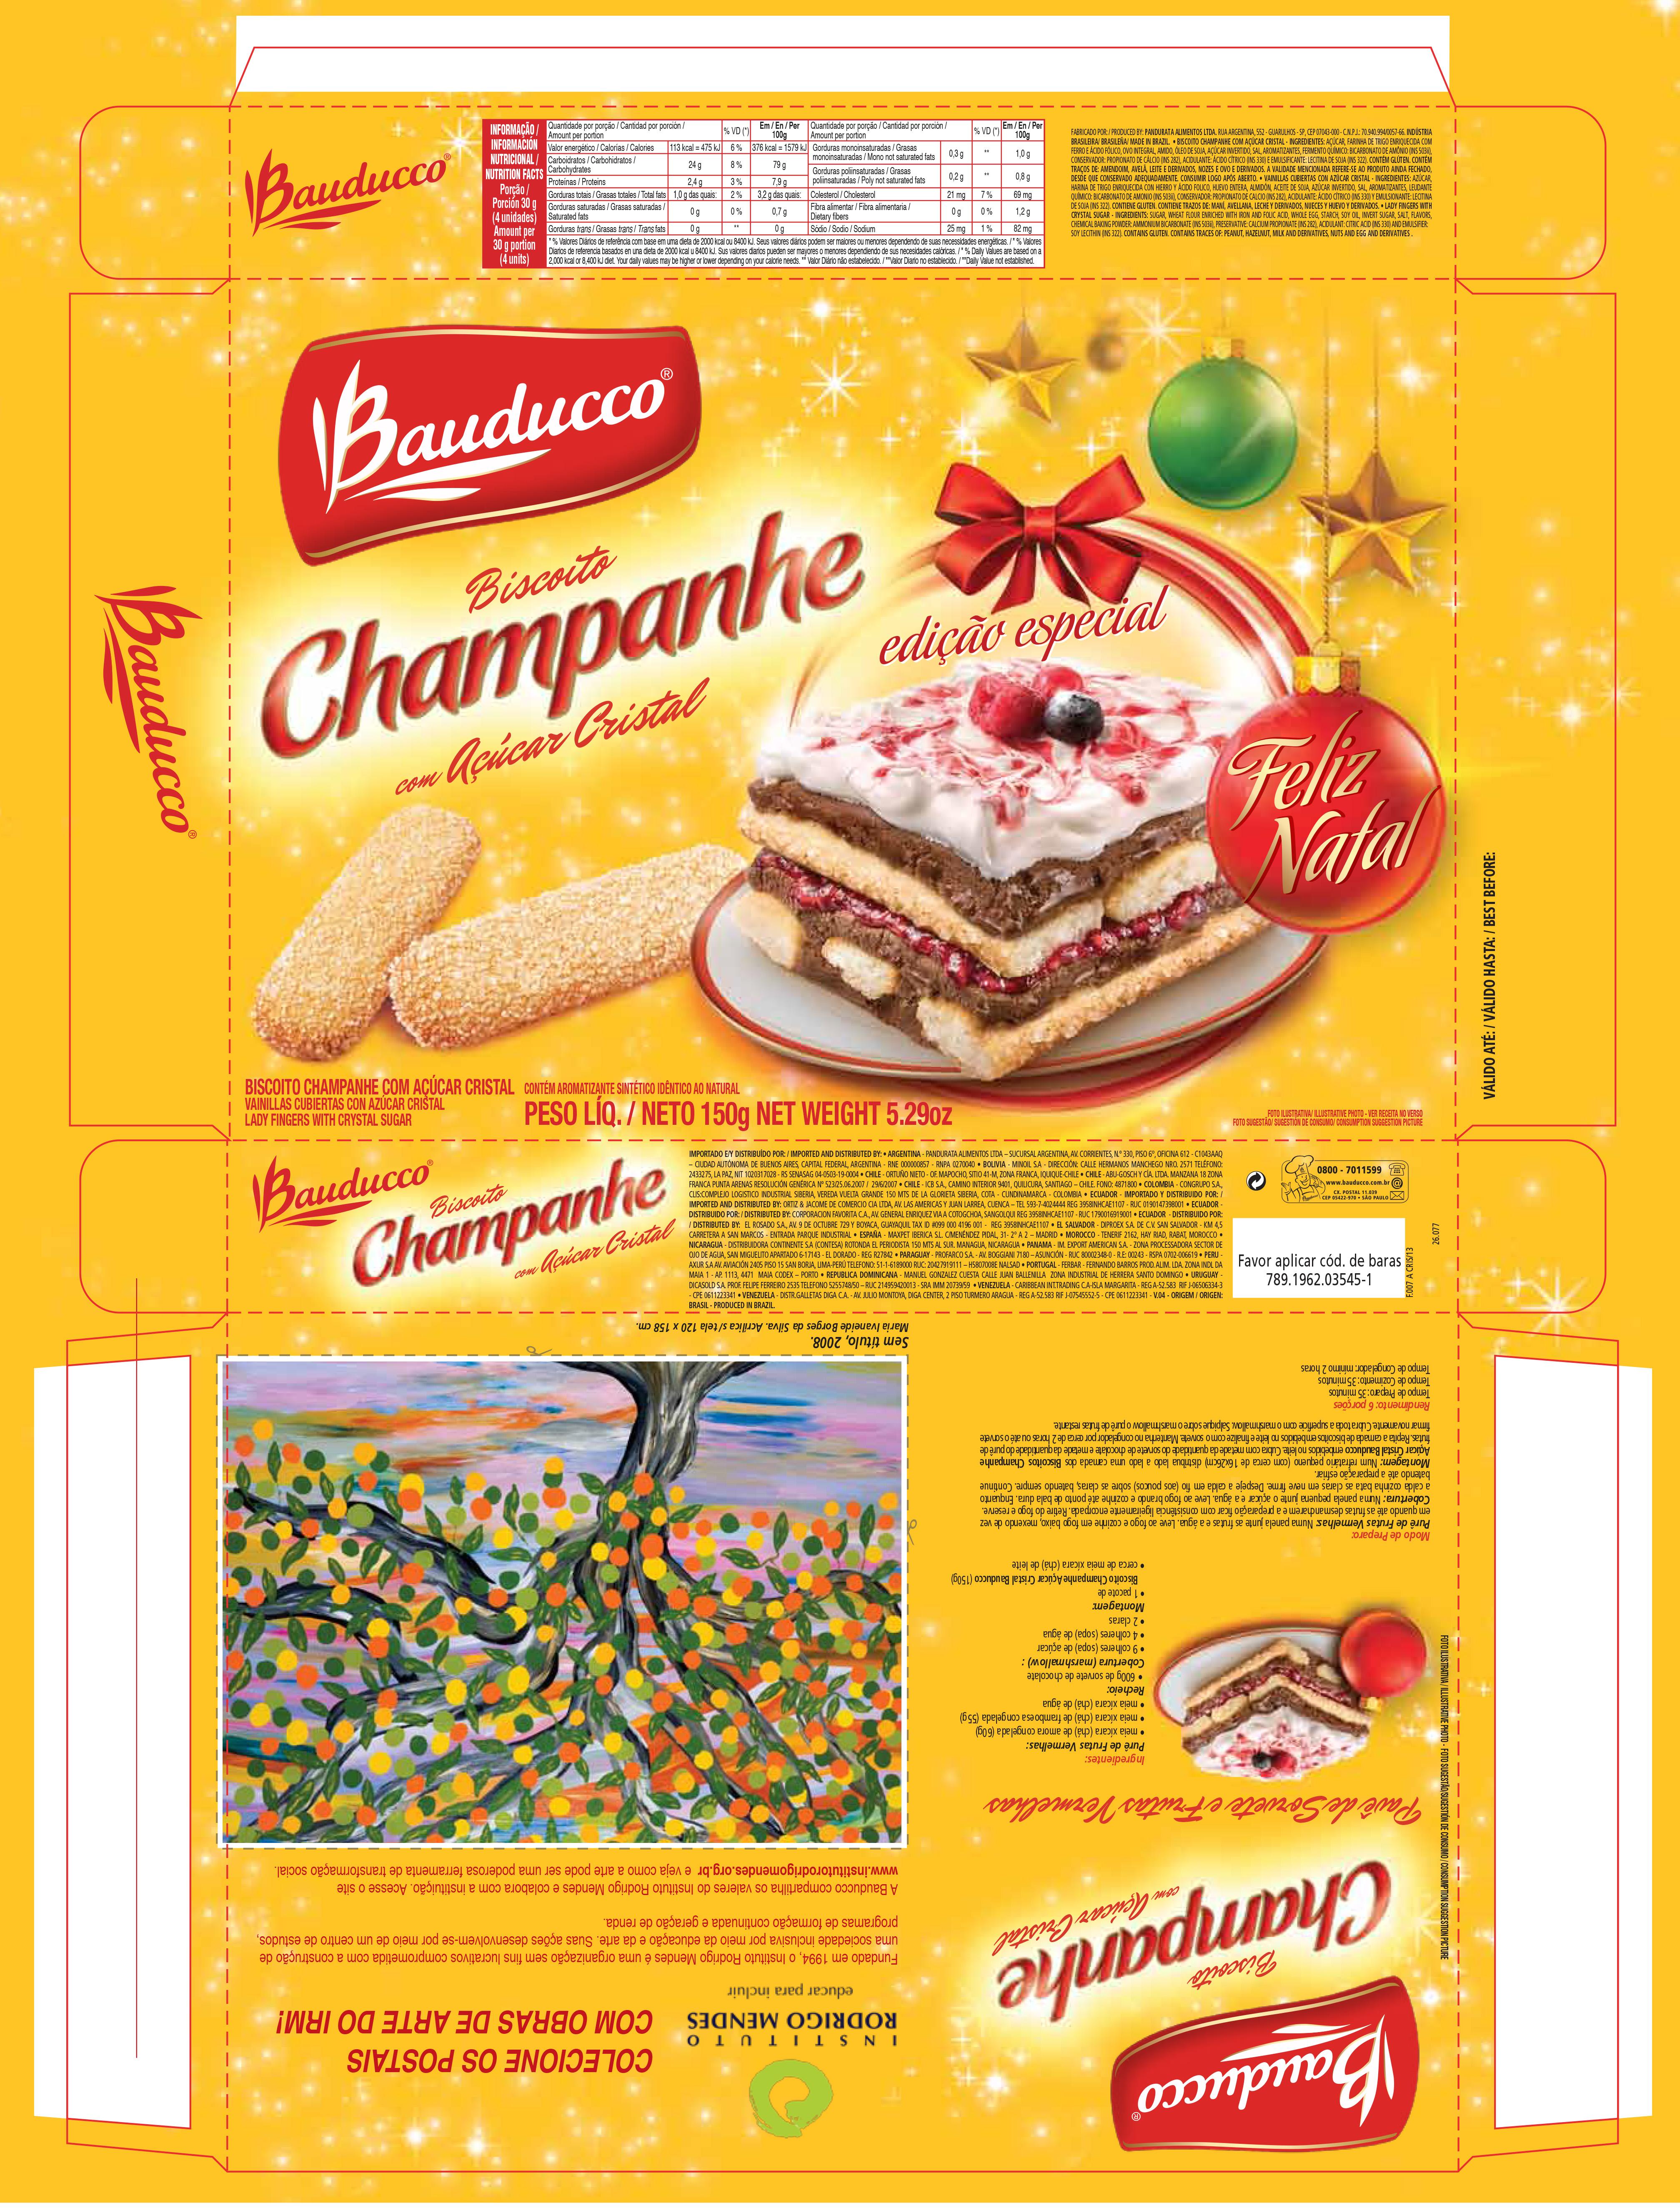 """Embalagem de biscoito de champanhe da Bauducco estampada com enfeites natalinos e um pedaço de Pavê de Frutas Vermelhas. Na parte de trás da embalagem postal com obra de arte representando uma árvore com o letreiro """"Colecione os postais com obras de arte IRM"""" e o logo do Instituto Rodrigo Mendes. Ao lado do postal, uma receita de pavê."""